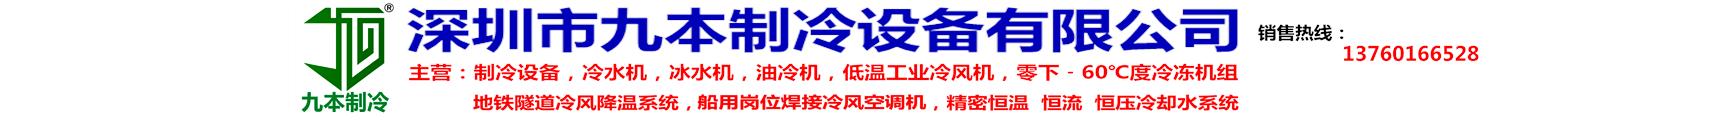 深圳市九本制冷设备有限公司